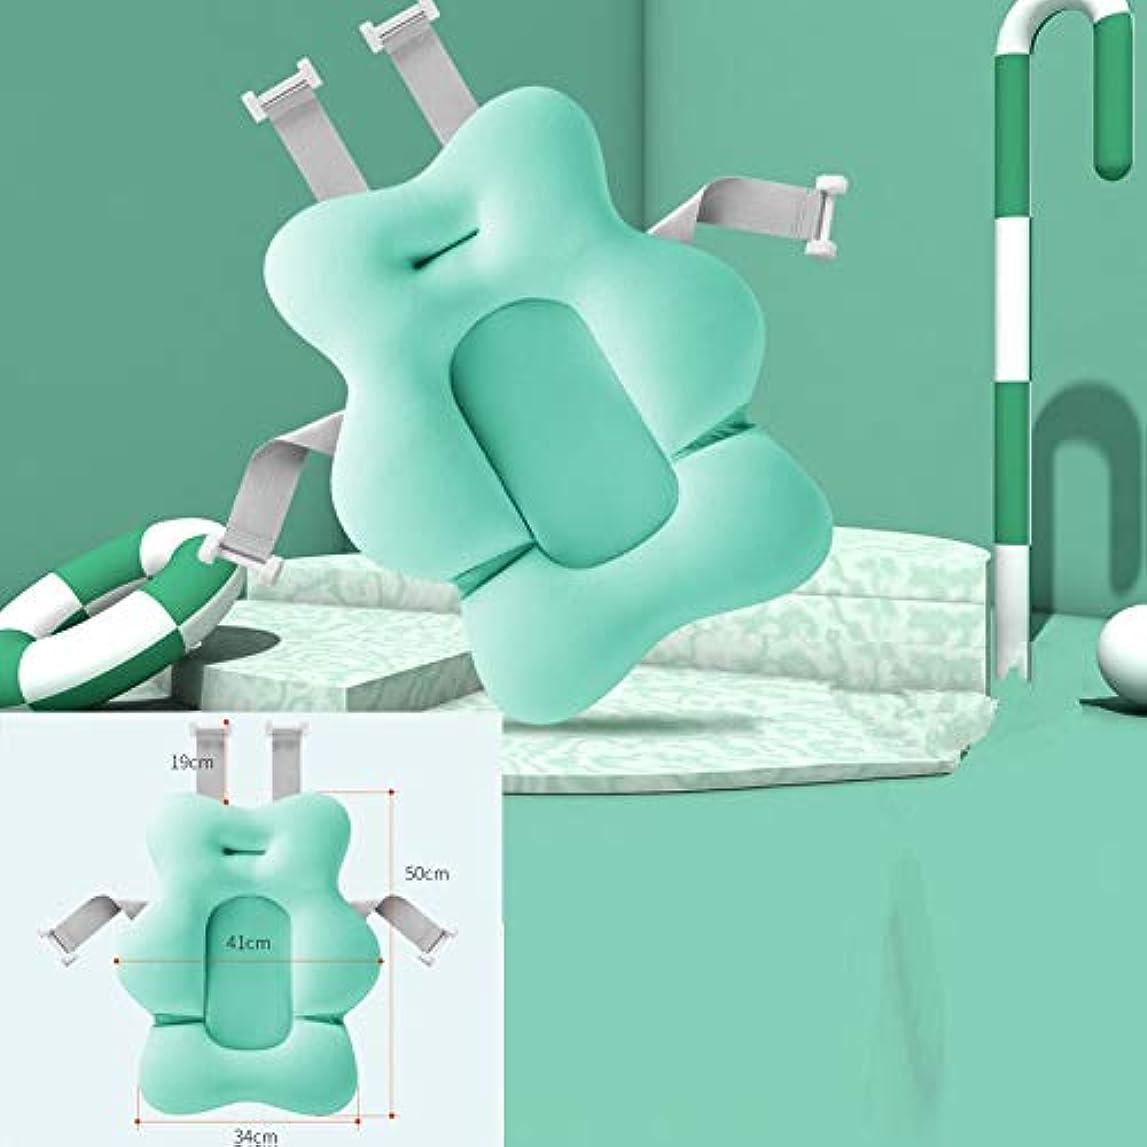 いま友情強調SMART 漫画ポータブル赤ちゃんノンスリップバスタブシャワー浴槽マット新生児安全セキュリティバスエアクッション折りたたみソフト枕シート クッション 椅子